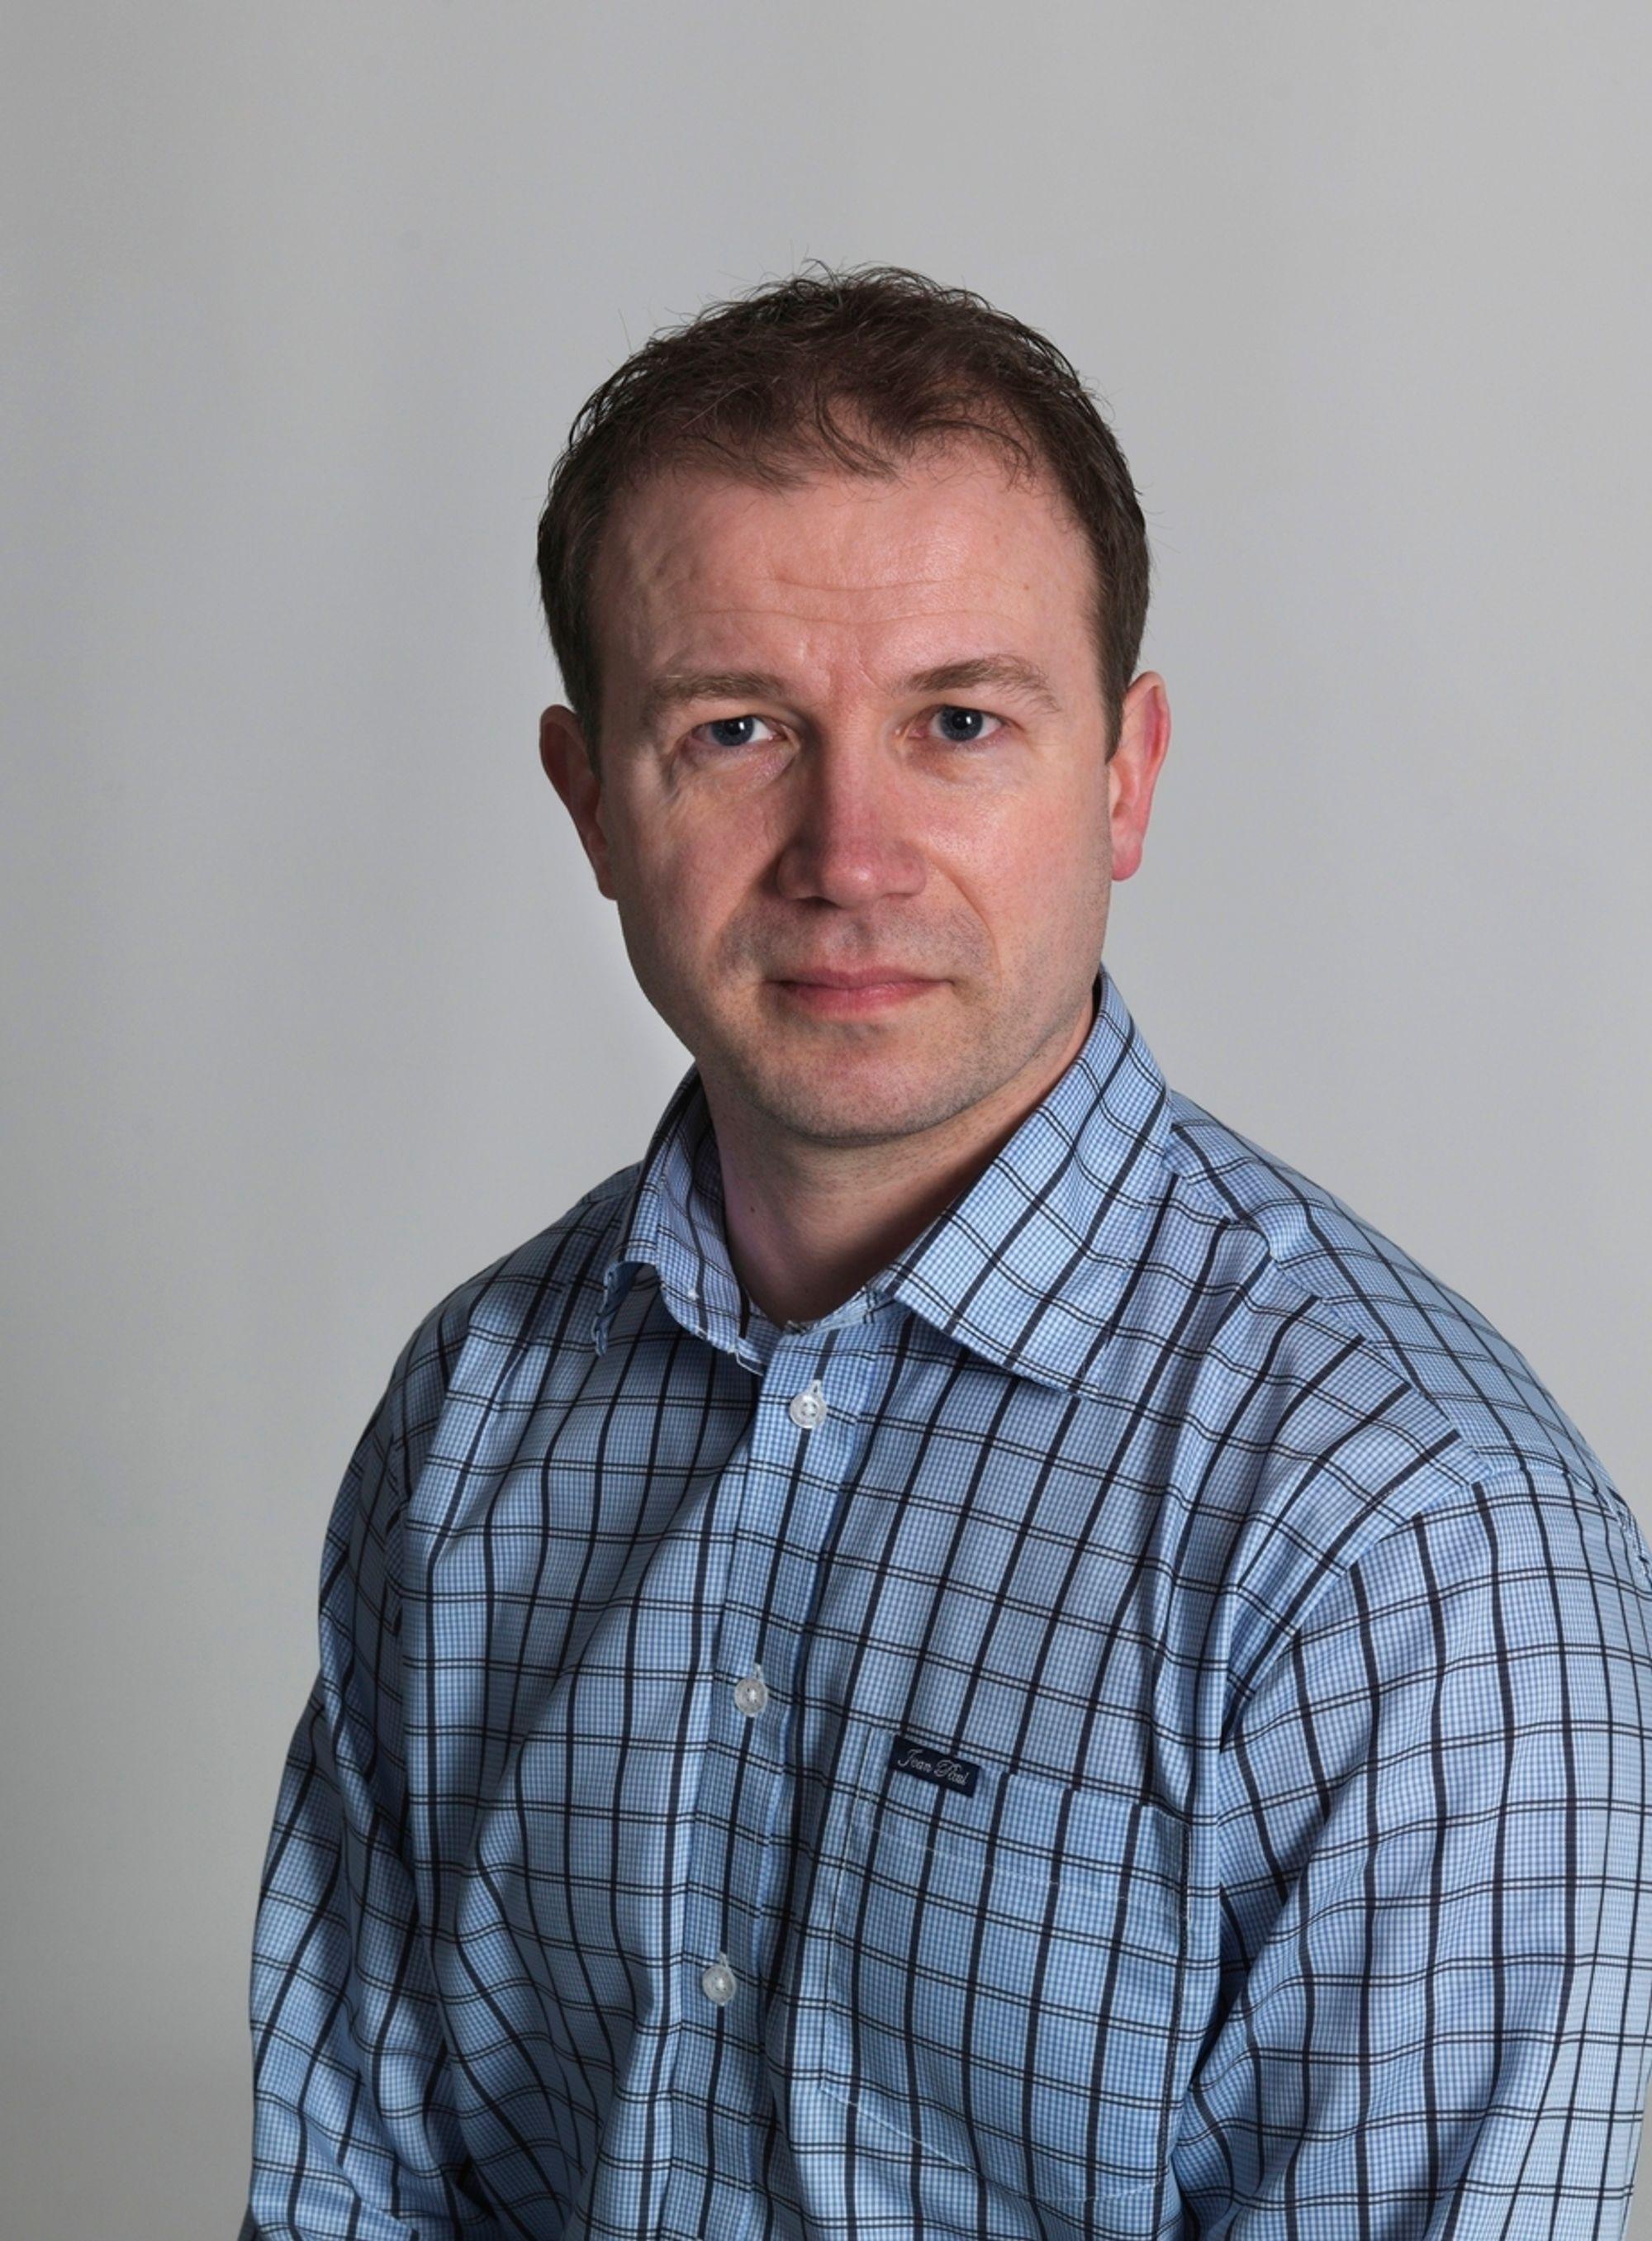 Frank Mathillas blir Lemminkäinens nye adm. direktør  i Norge